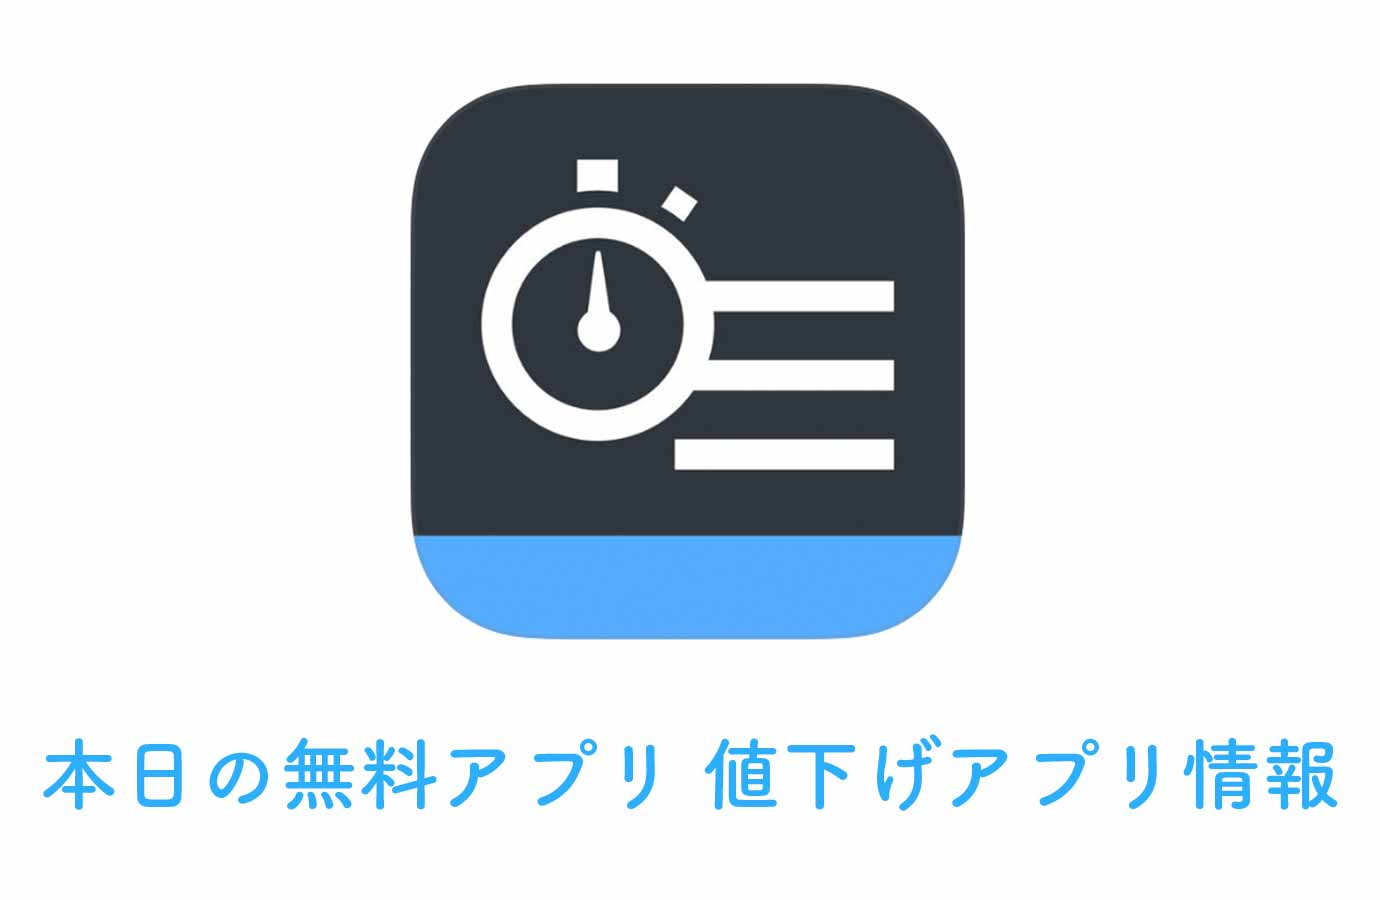 400円→無料!毎日の時間の使い方を記録・可視化できる「BusyBox」など【1/18】本日の無料アプリ、値下げアプリ情報